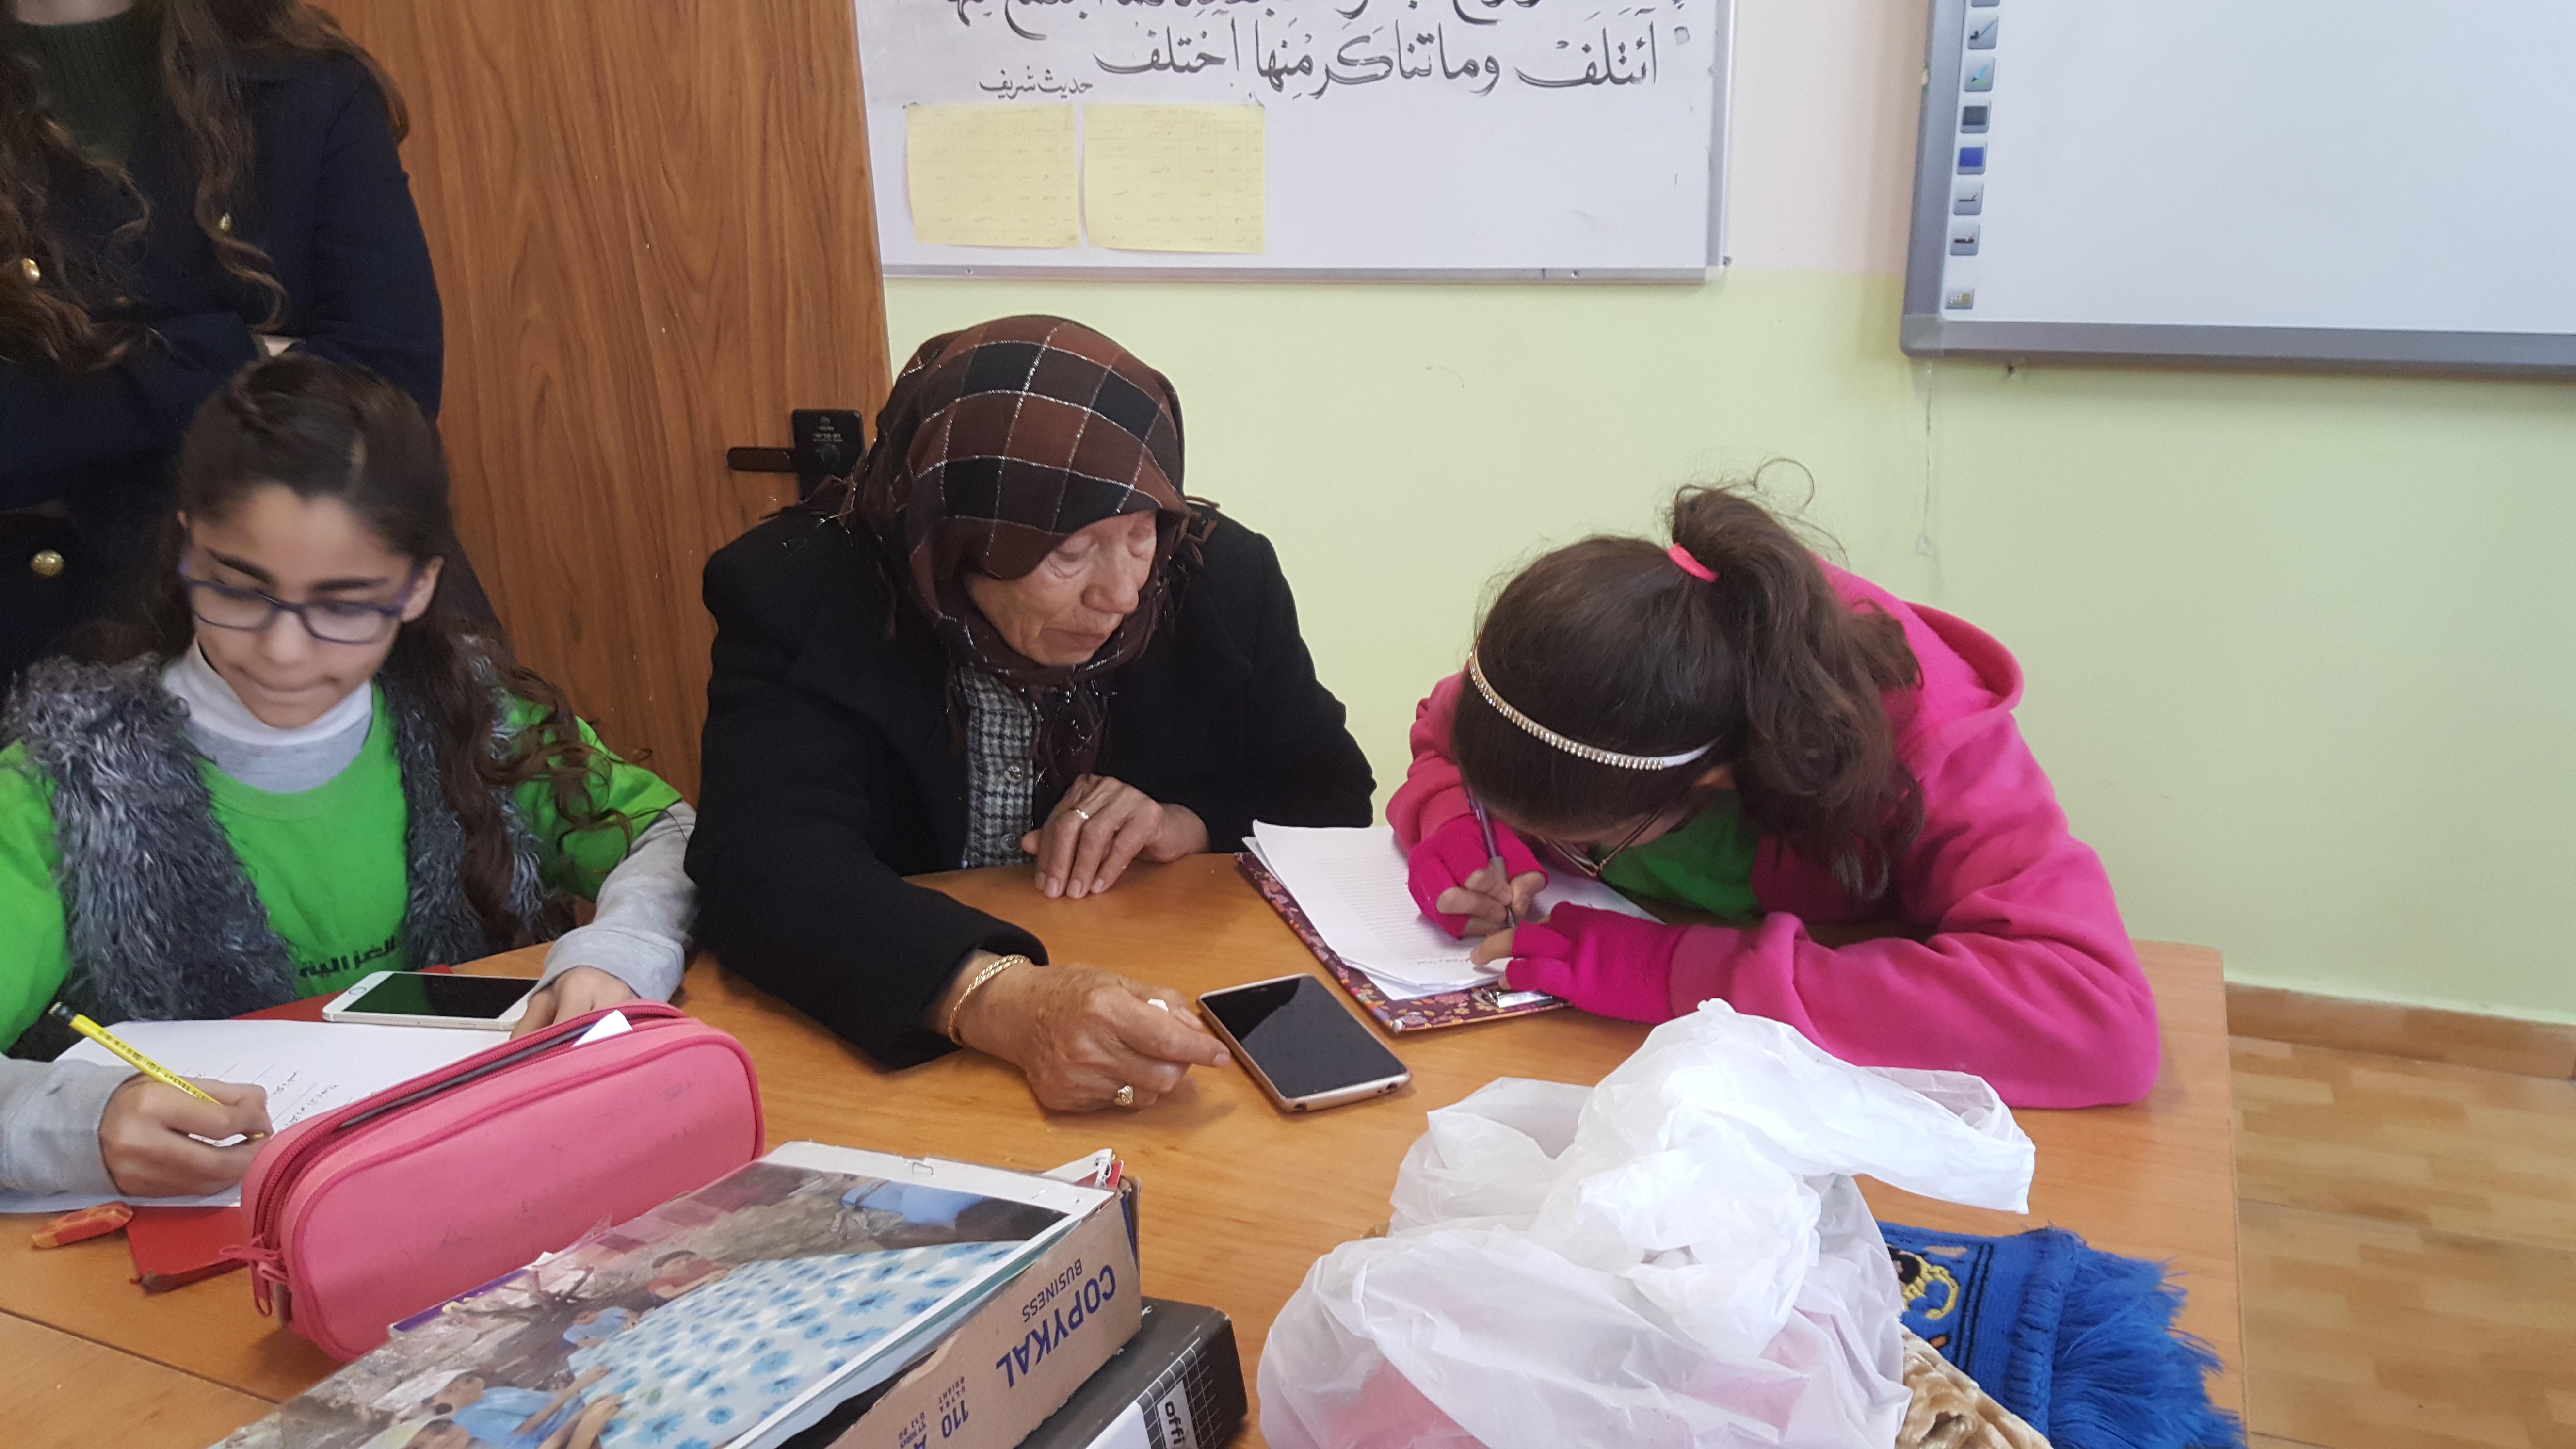 قصة جبيني قصة حكتها الحجة سهام مع الطالبة يارا